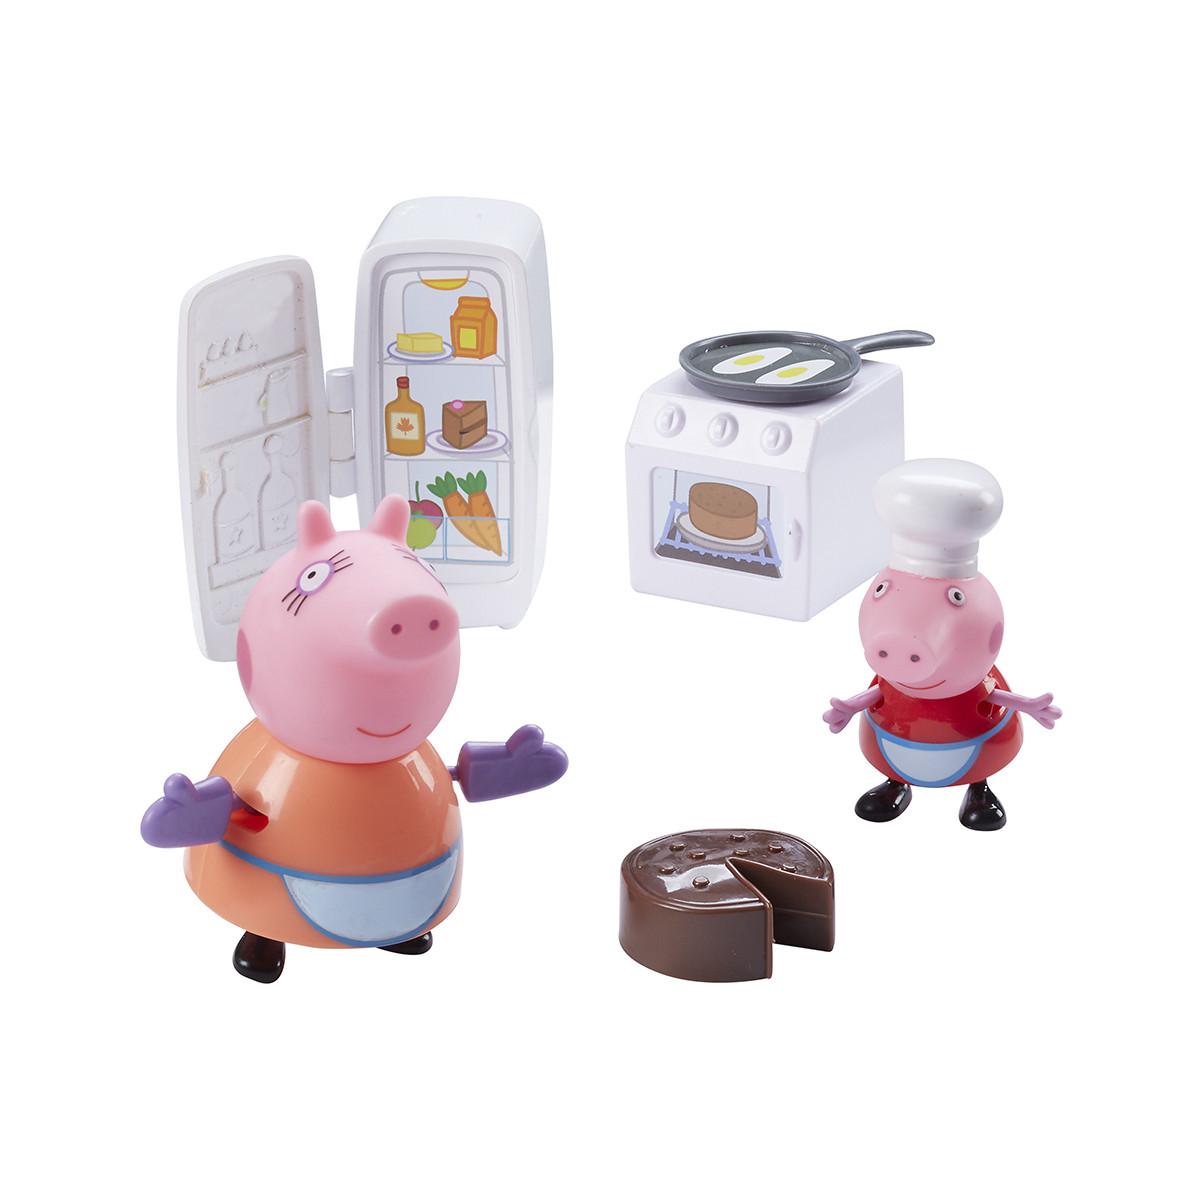 Peppa Игровой мини-набор - Кухня Пеппы, 06148